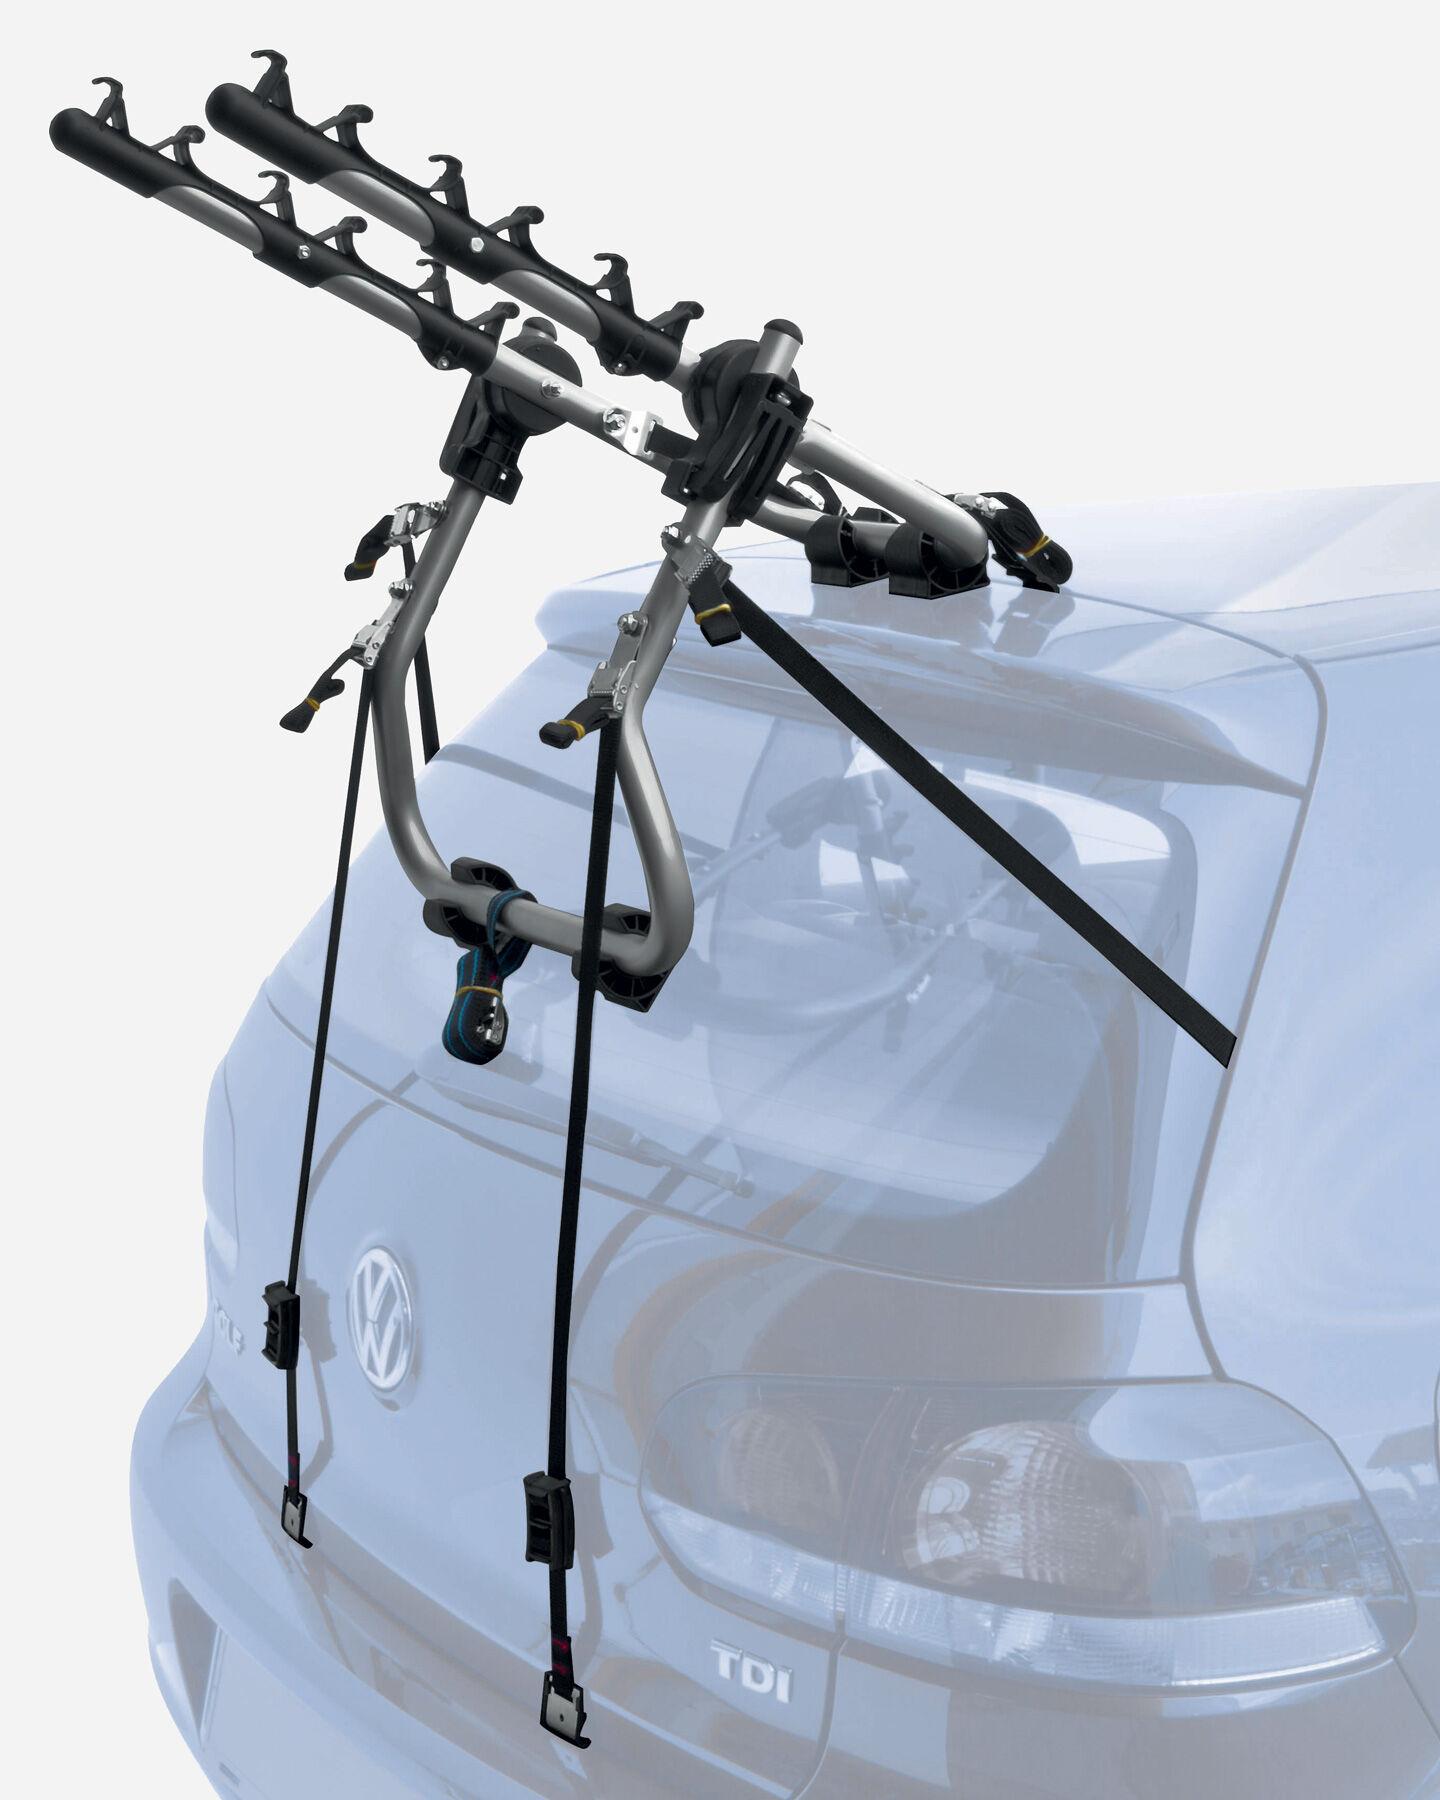 Accessorio bici BONIN AUTO VERONA S1263592 1 UNI scatto 1